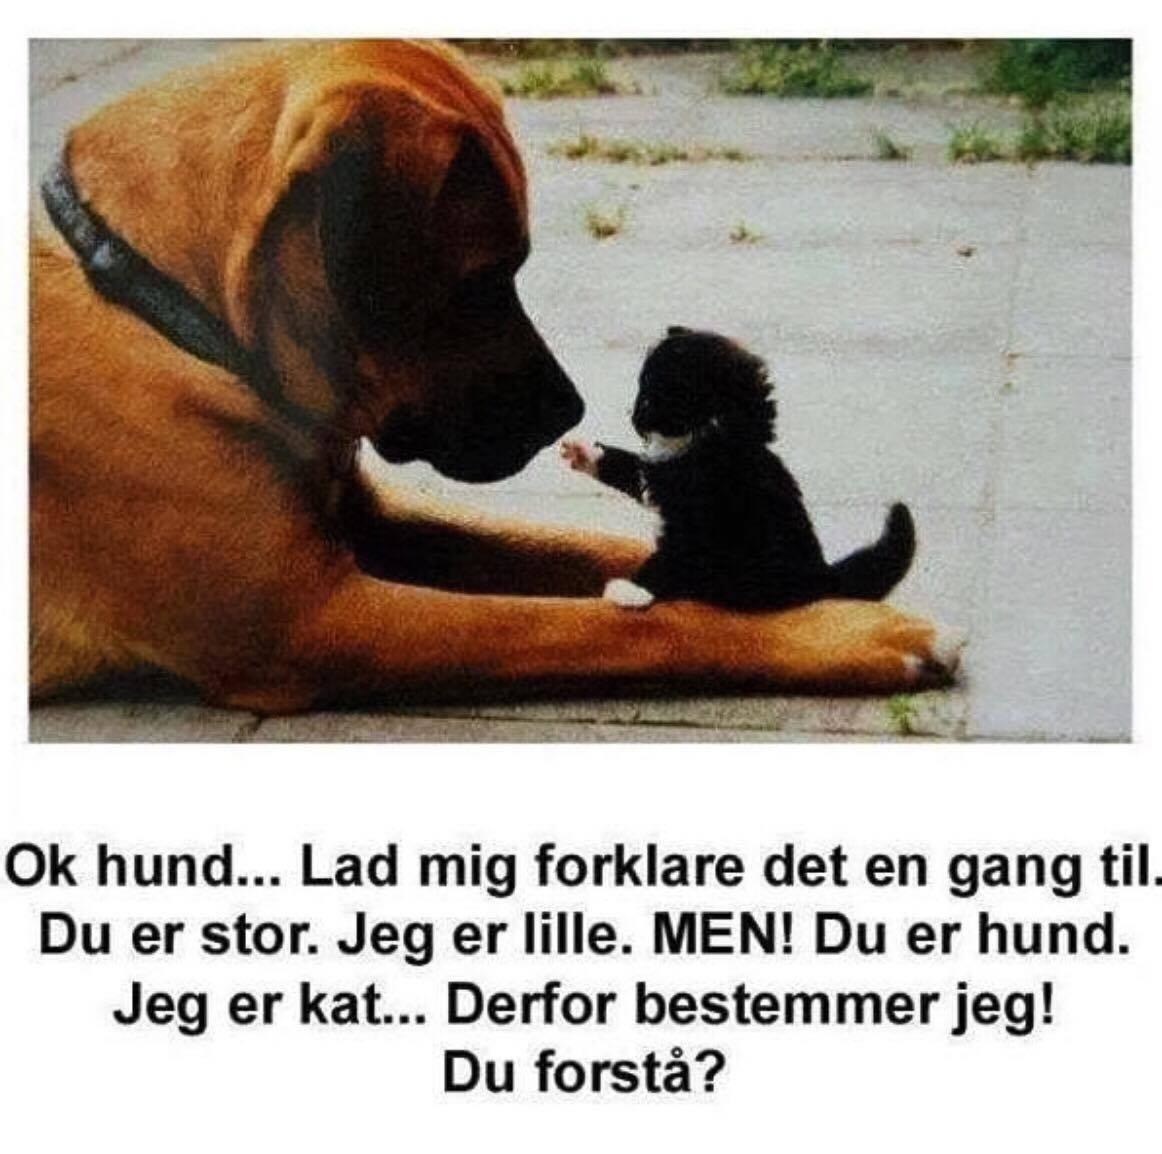 citater om hunde og mennesker OK   Top citater, Find dine yndlings billeder hverdag på visdom.dk citater om hunde og mennesker